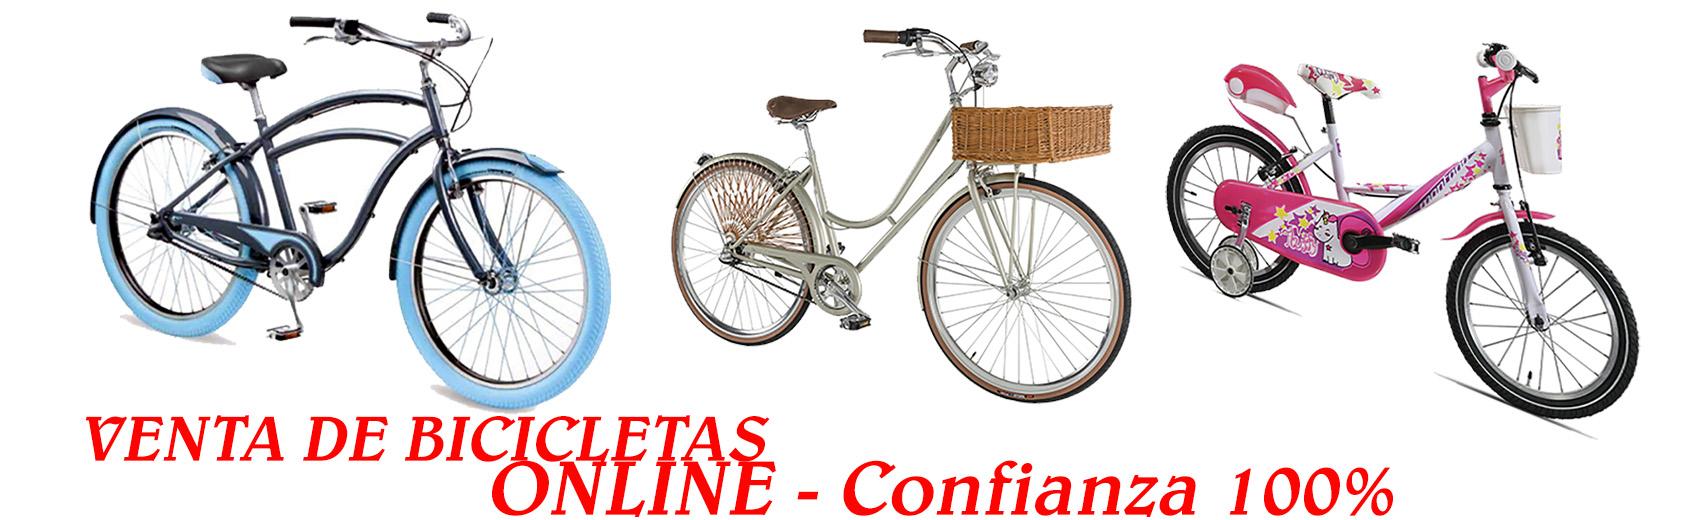 venta de bicicletas online BANNER 2 VENTA